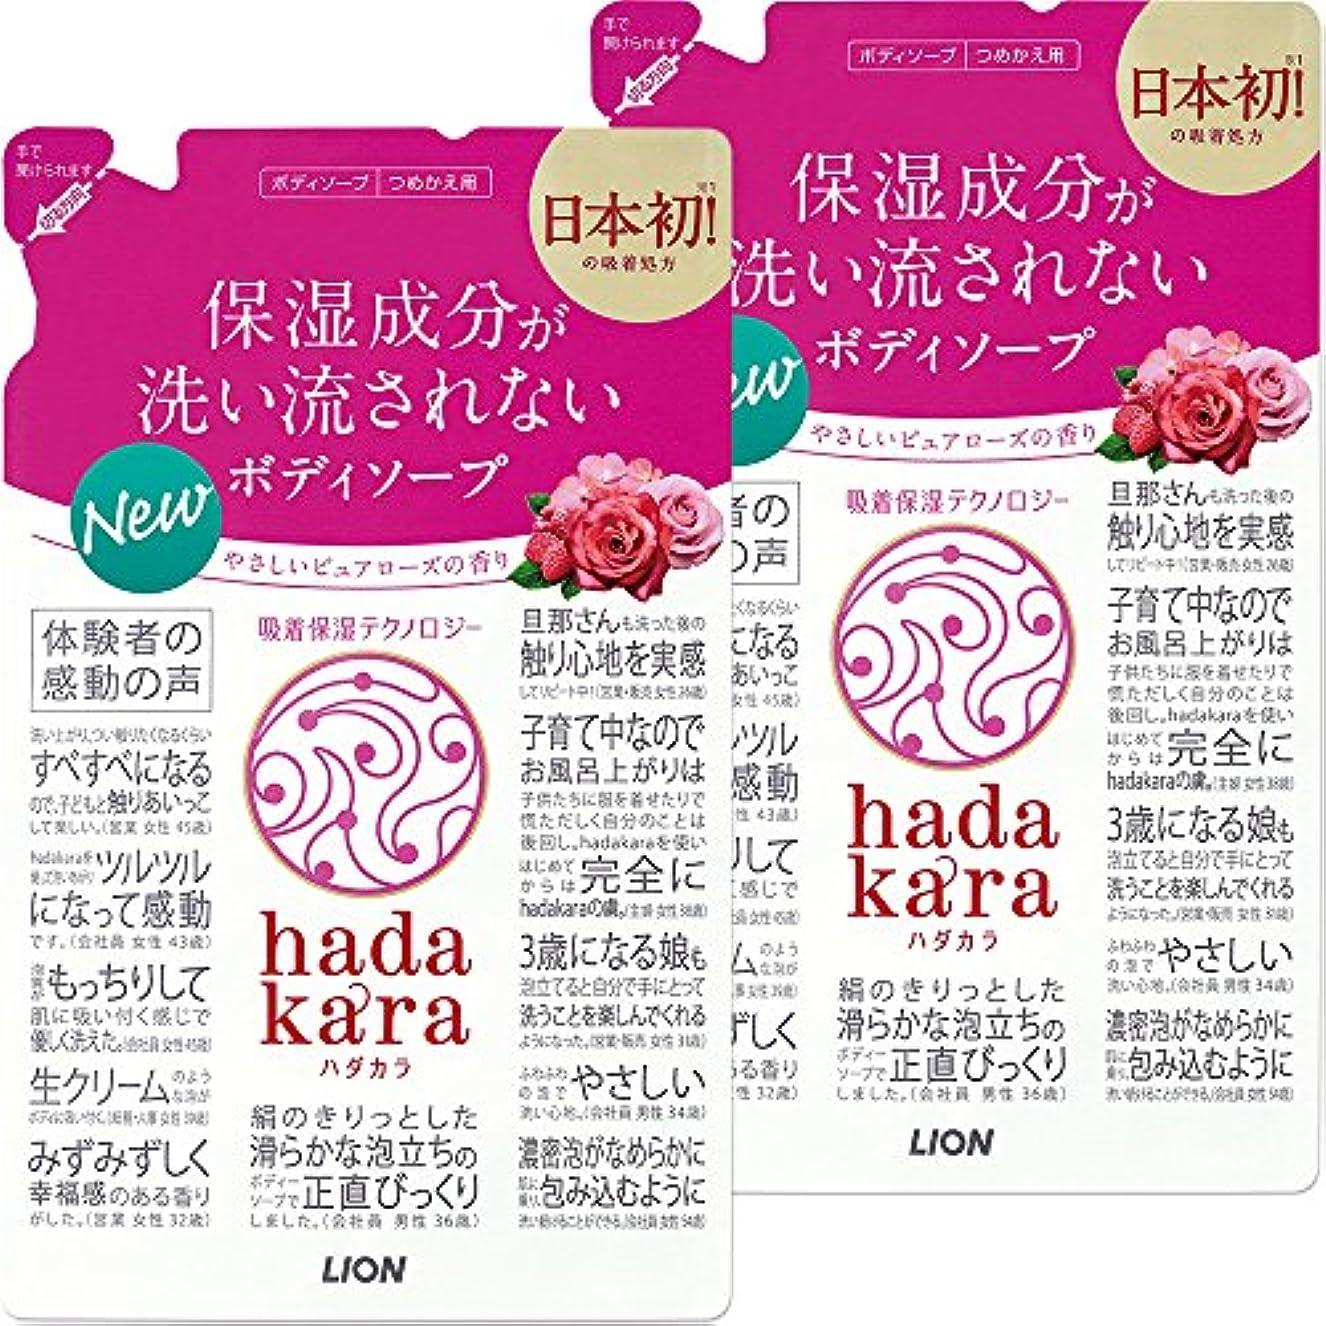 法律しみご近所【まとめ買い】hadakara(ハダカラ) ボディソープ ピュアローズの香り 詰め替え 360ml×2個パック